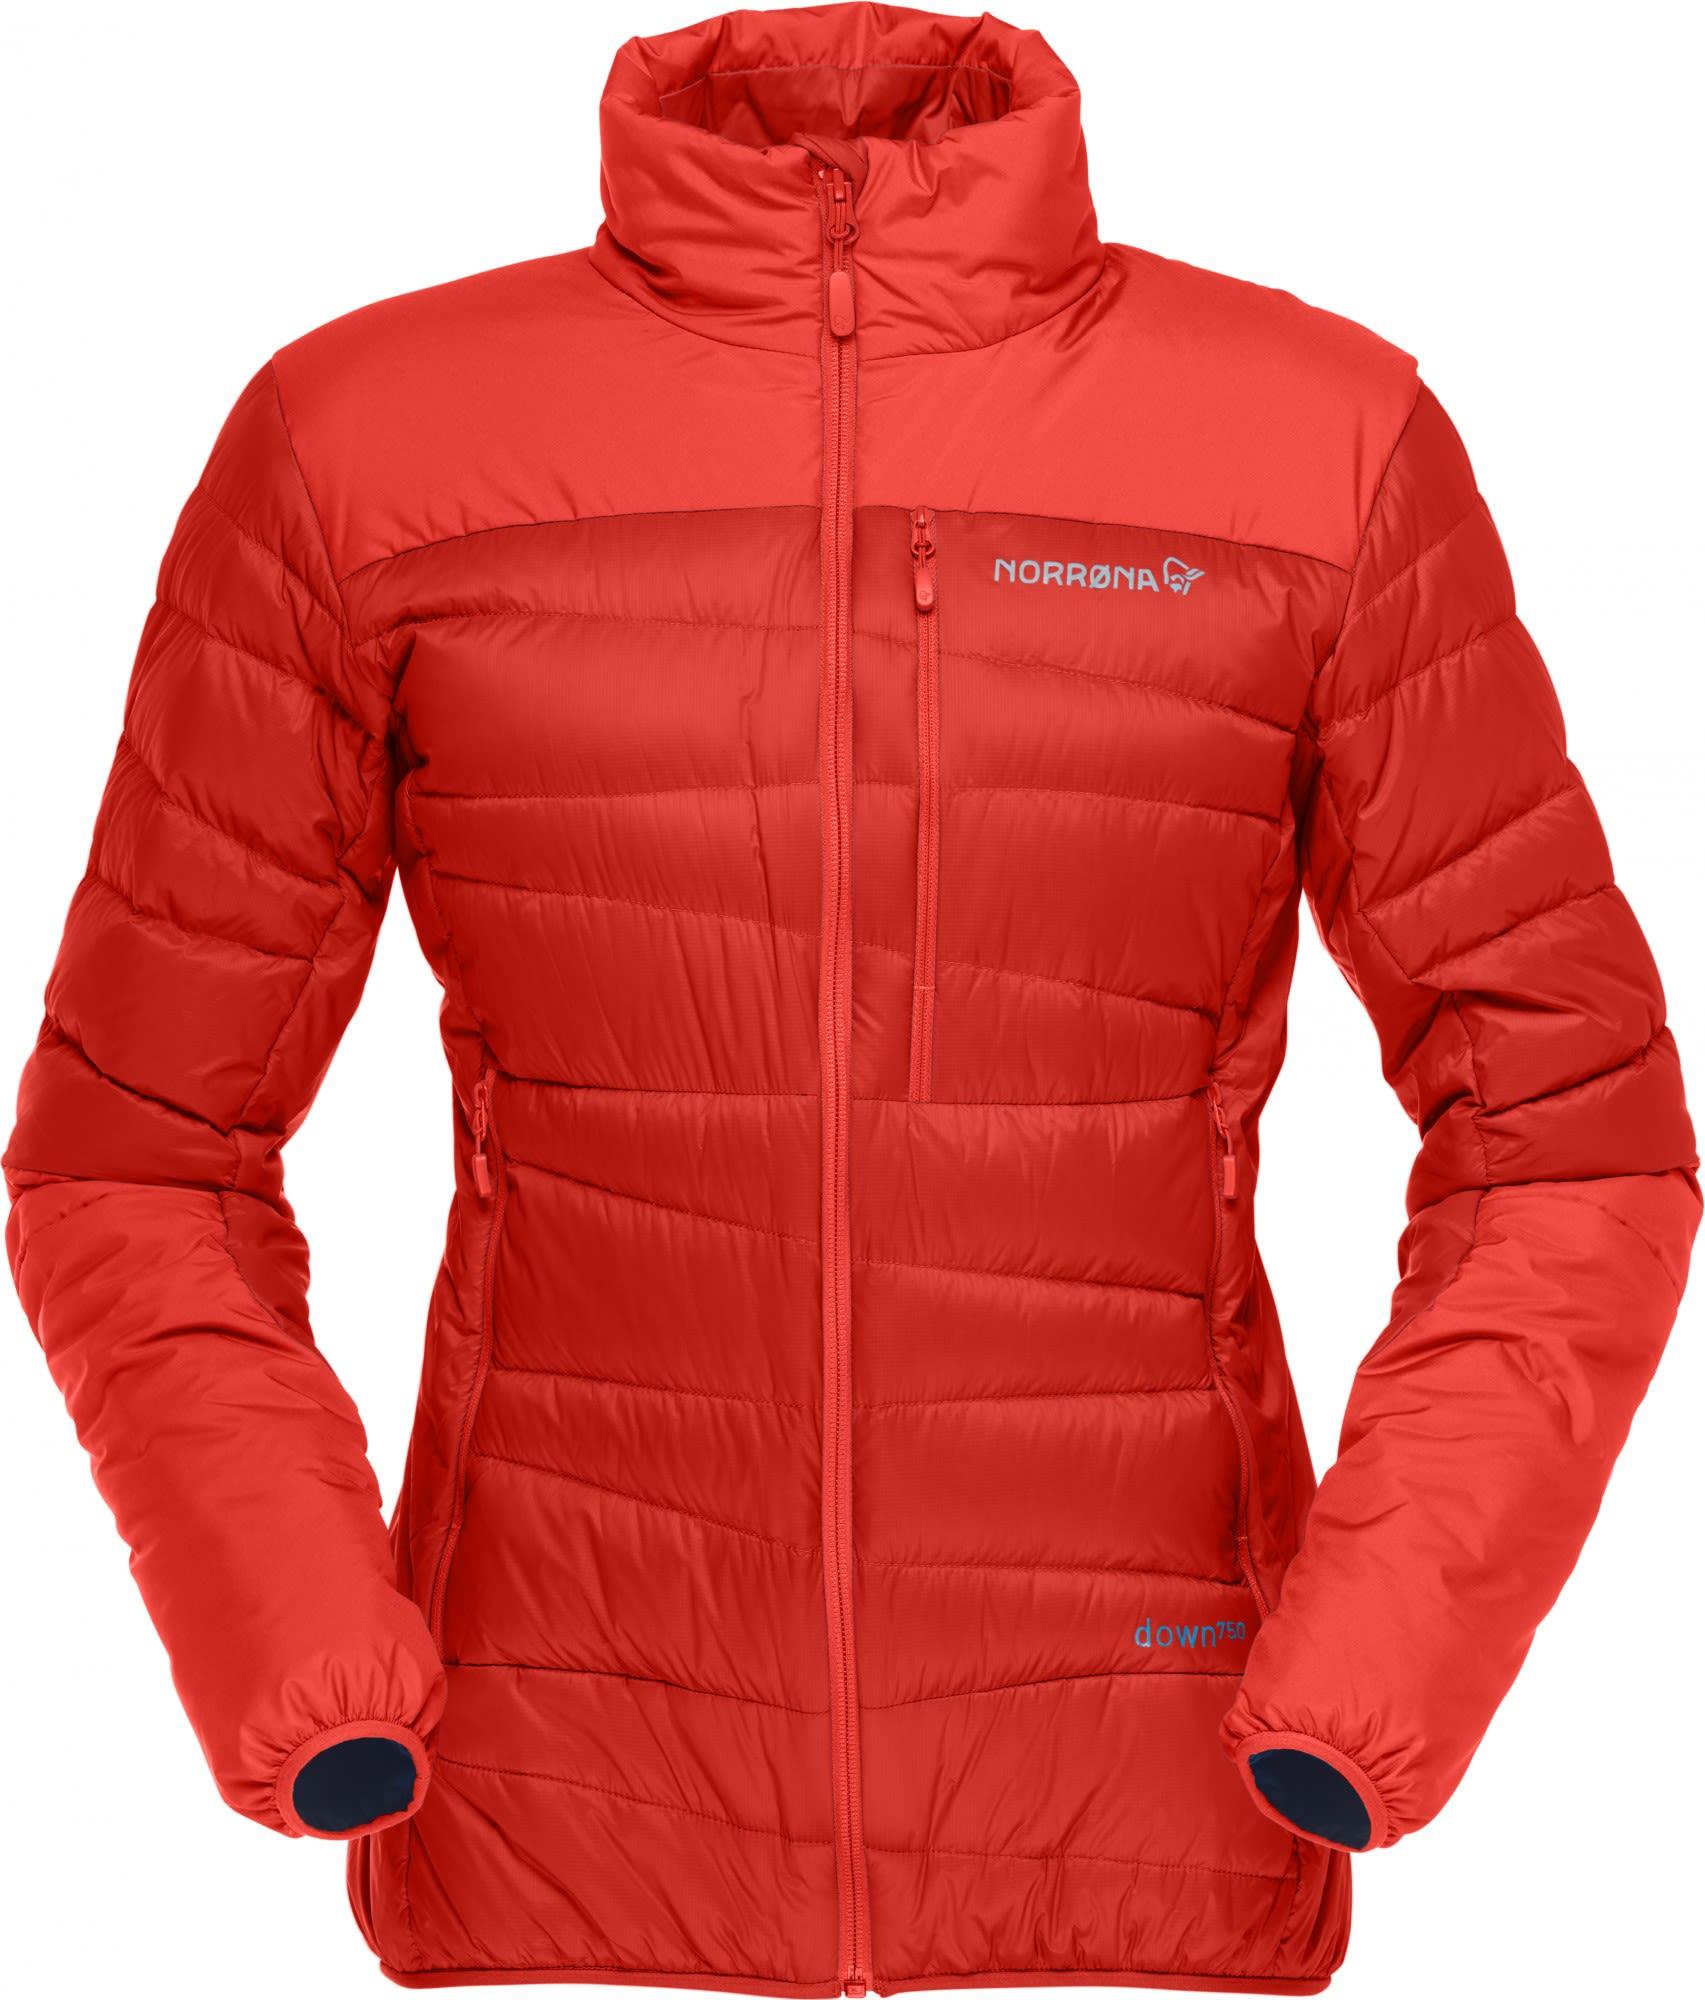 Norrona Falketind Down750 Jacket Rot, Female Daunen Daunenjacke, M